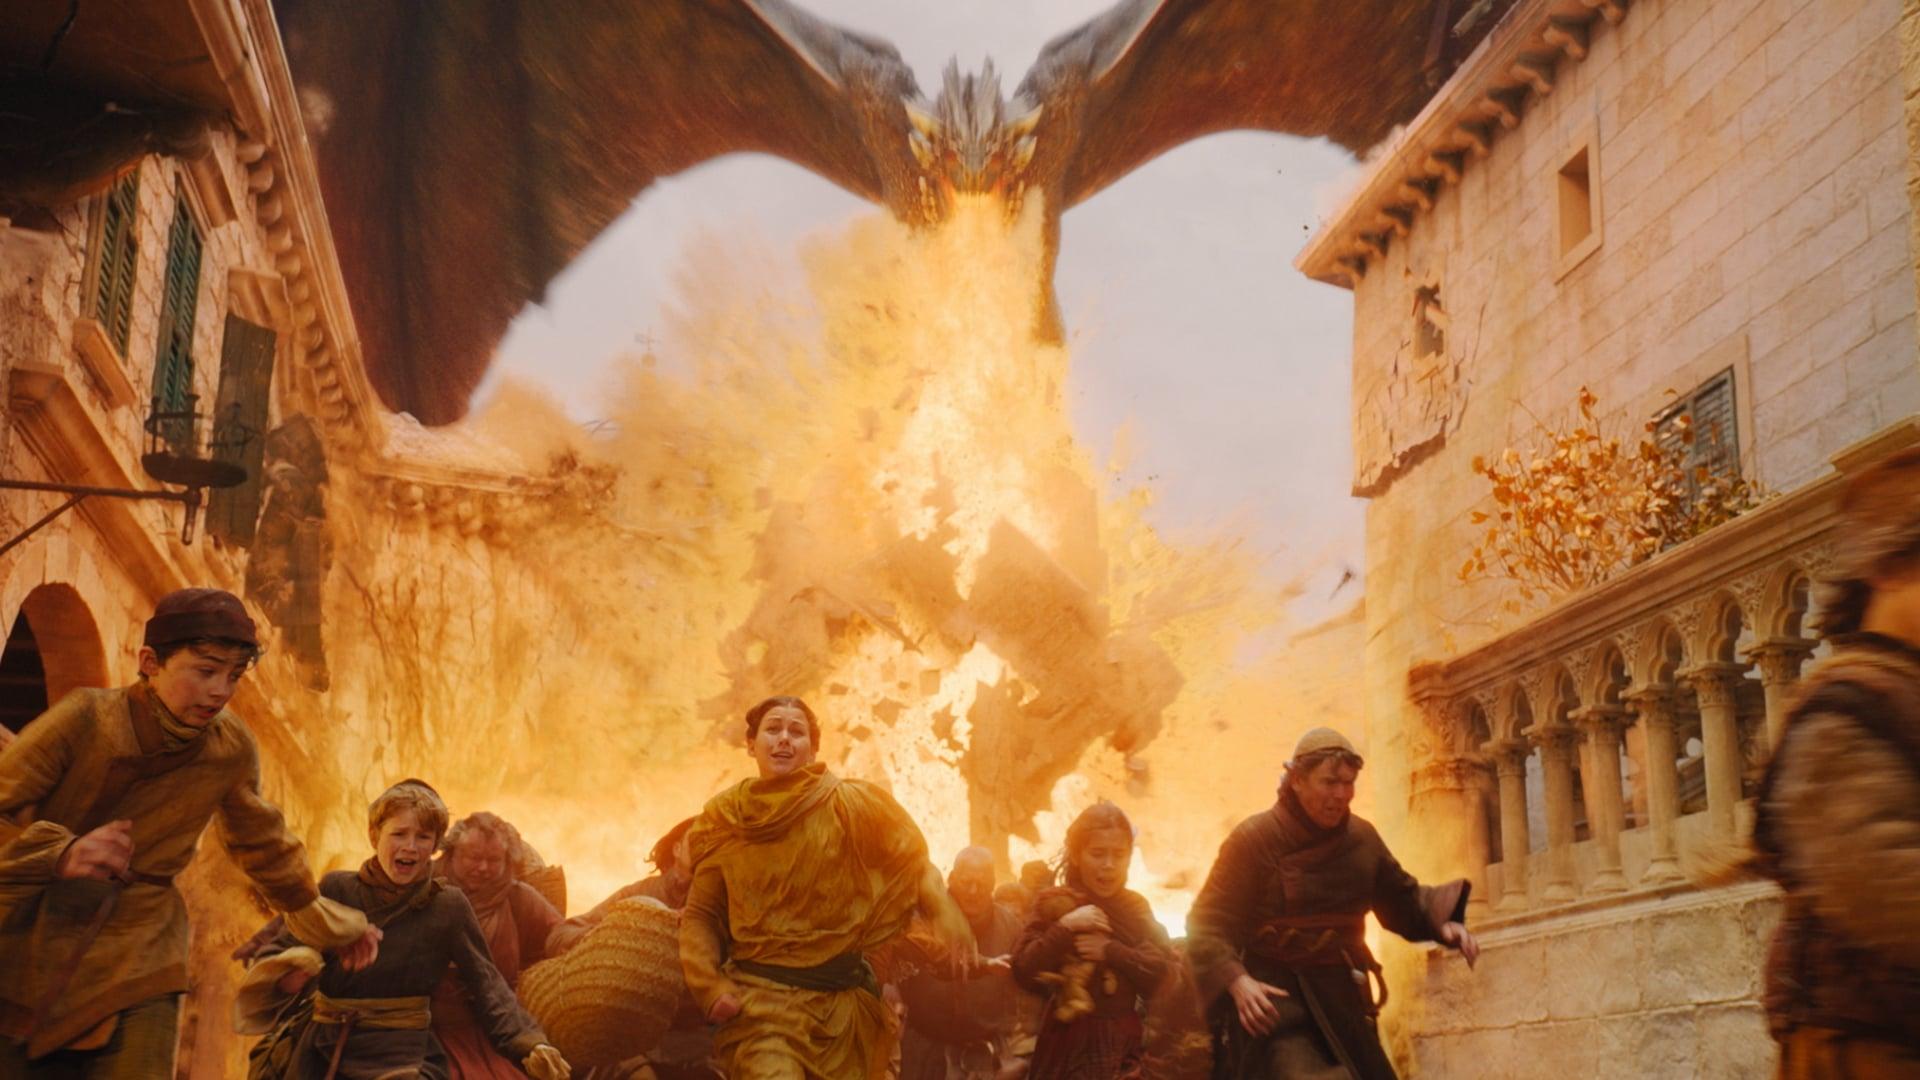 Пятая серия Game of Thrones / «Игры престолов» побила рекорд просмотров (18,4 млн зрителей), а четвертая — установила антирекорд рейтинга на IMDb (6,1 балла)